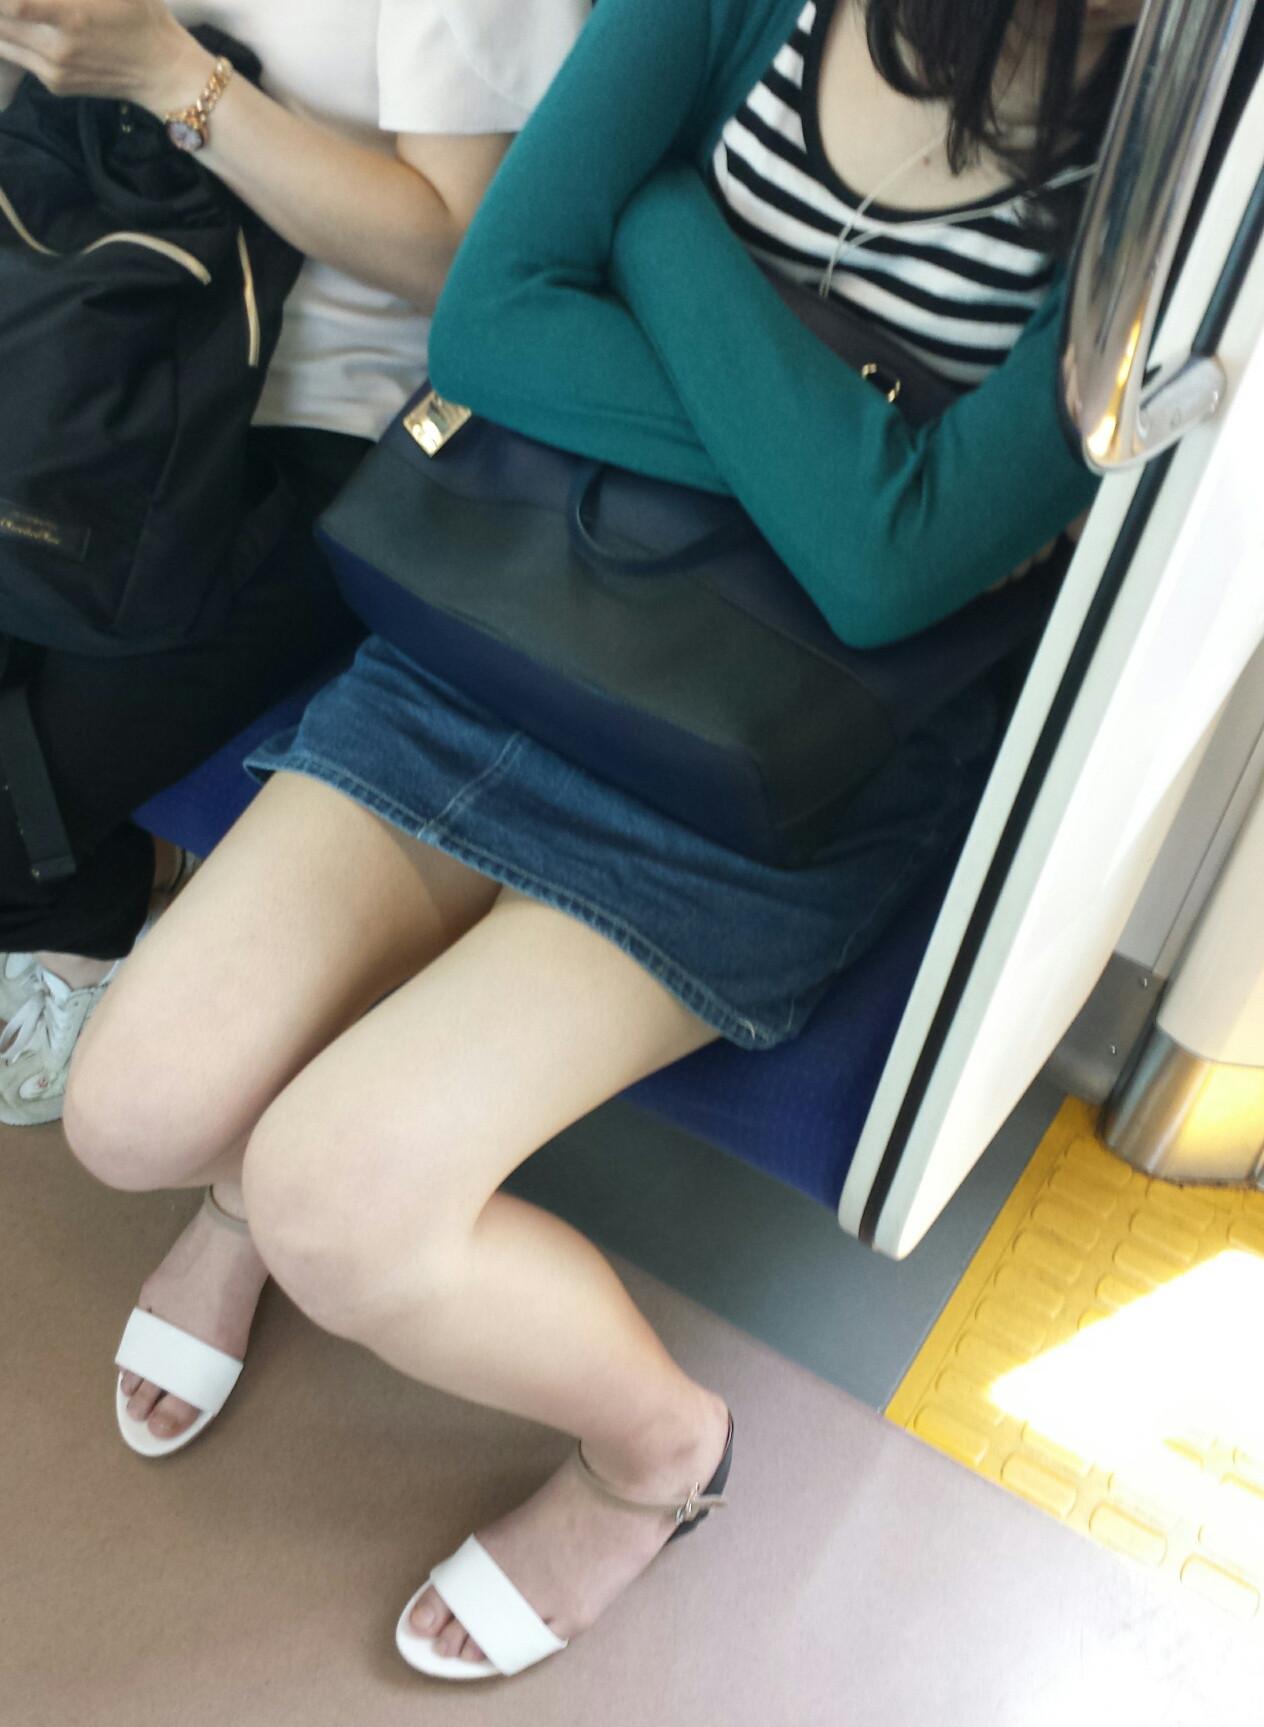 通勤中に見るシロウトの太ももにおっきしそう